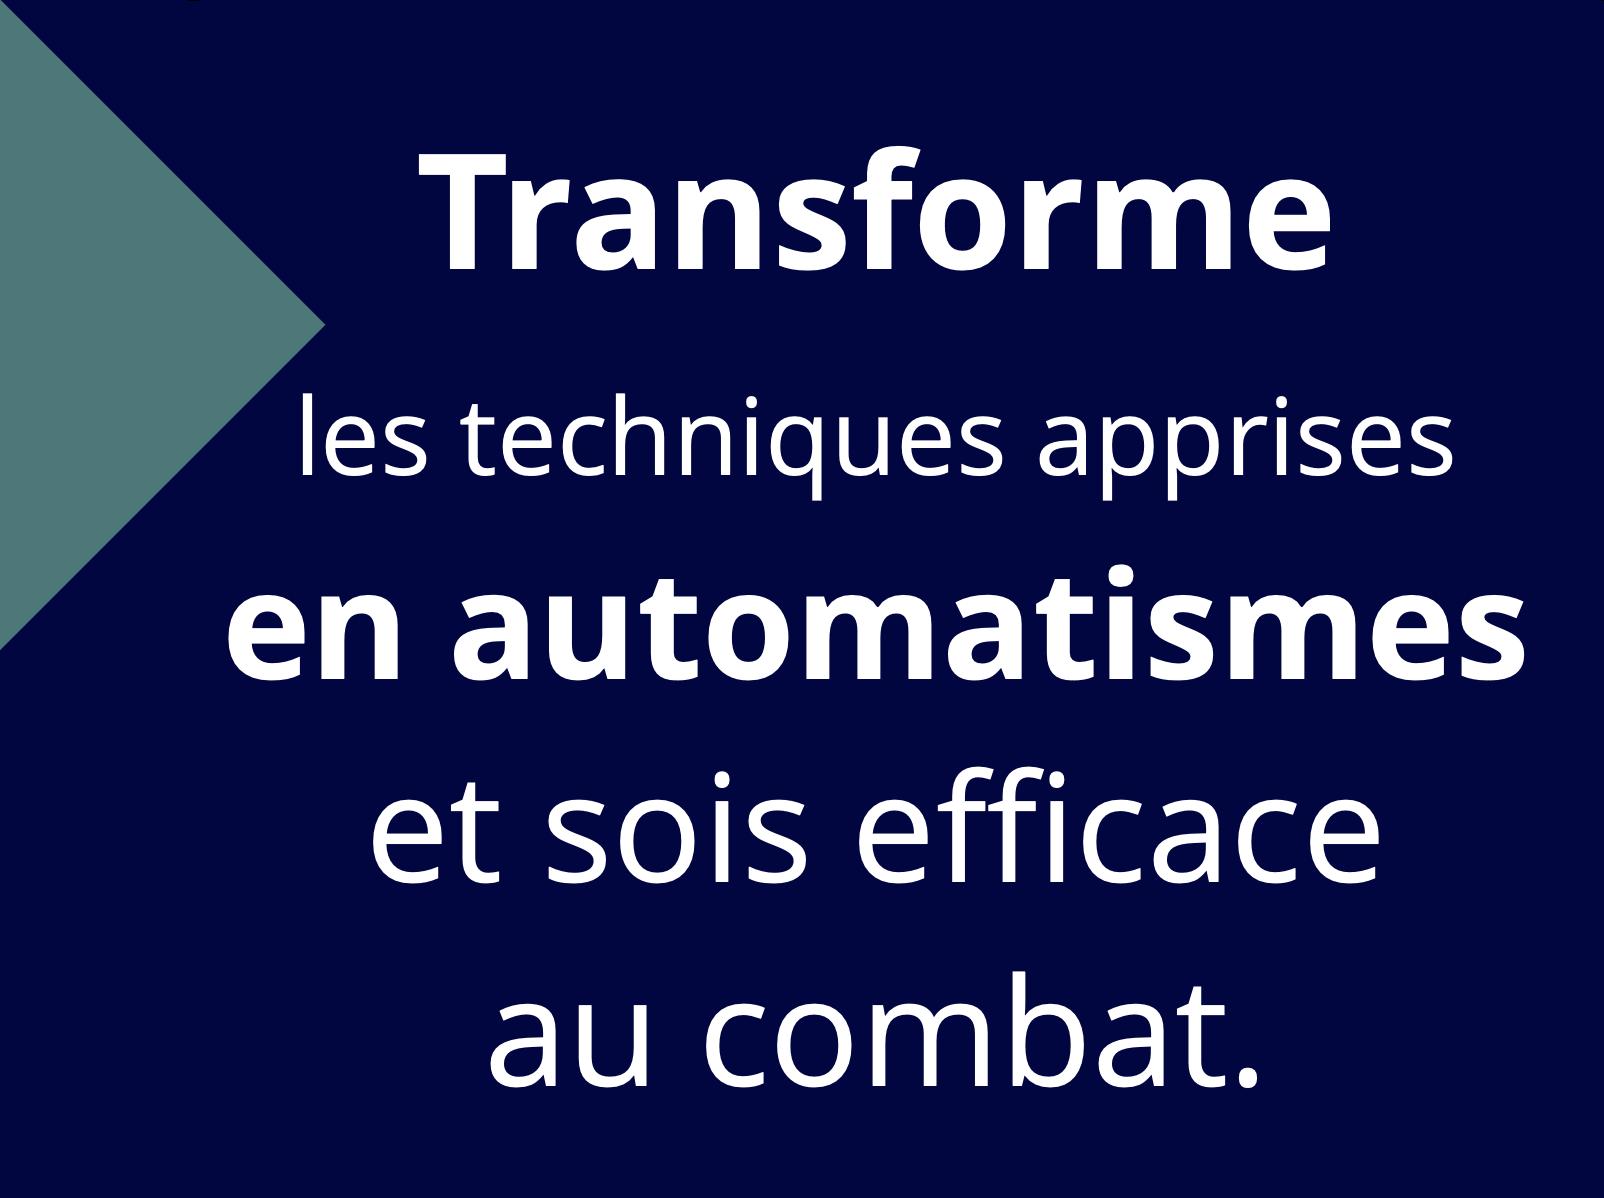 Transforme les techniques apprises en automatismes et sois efficace au combat